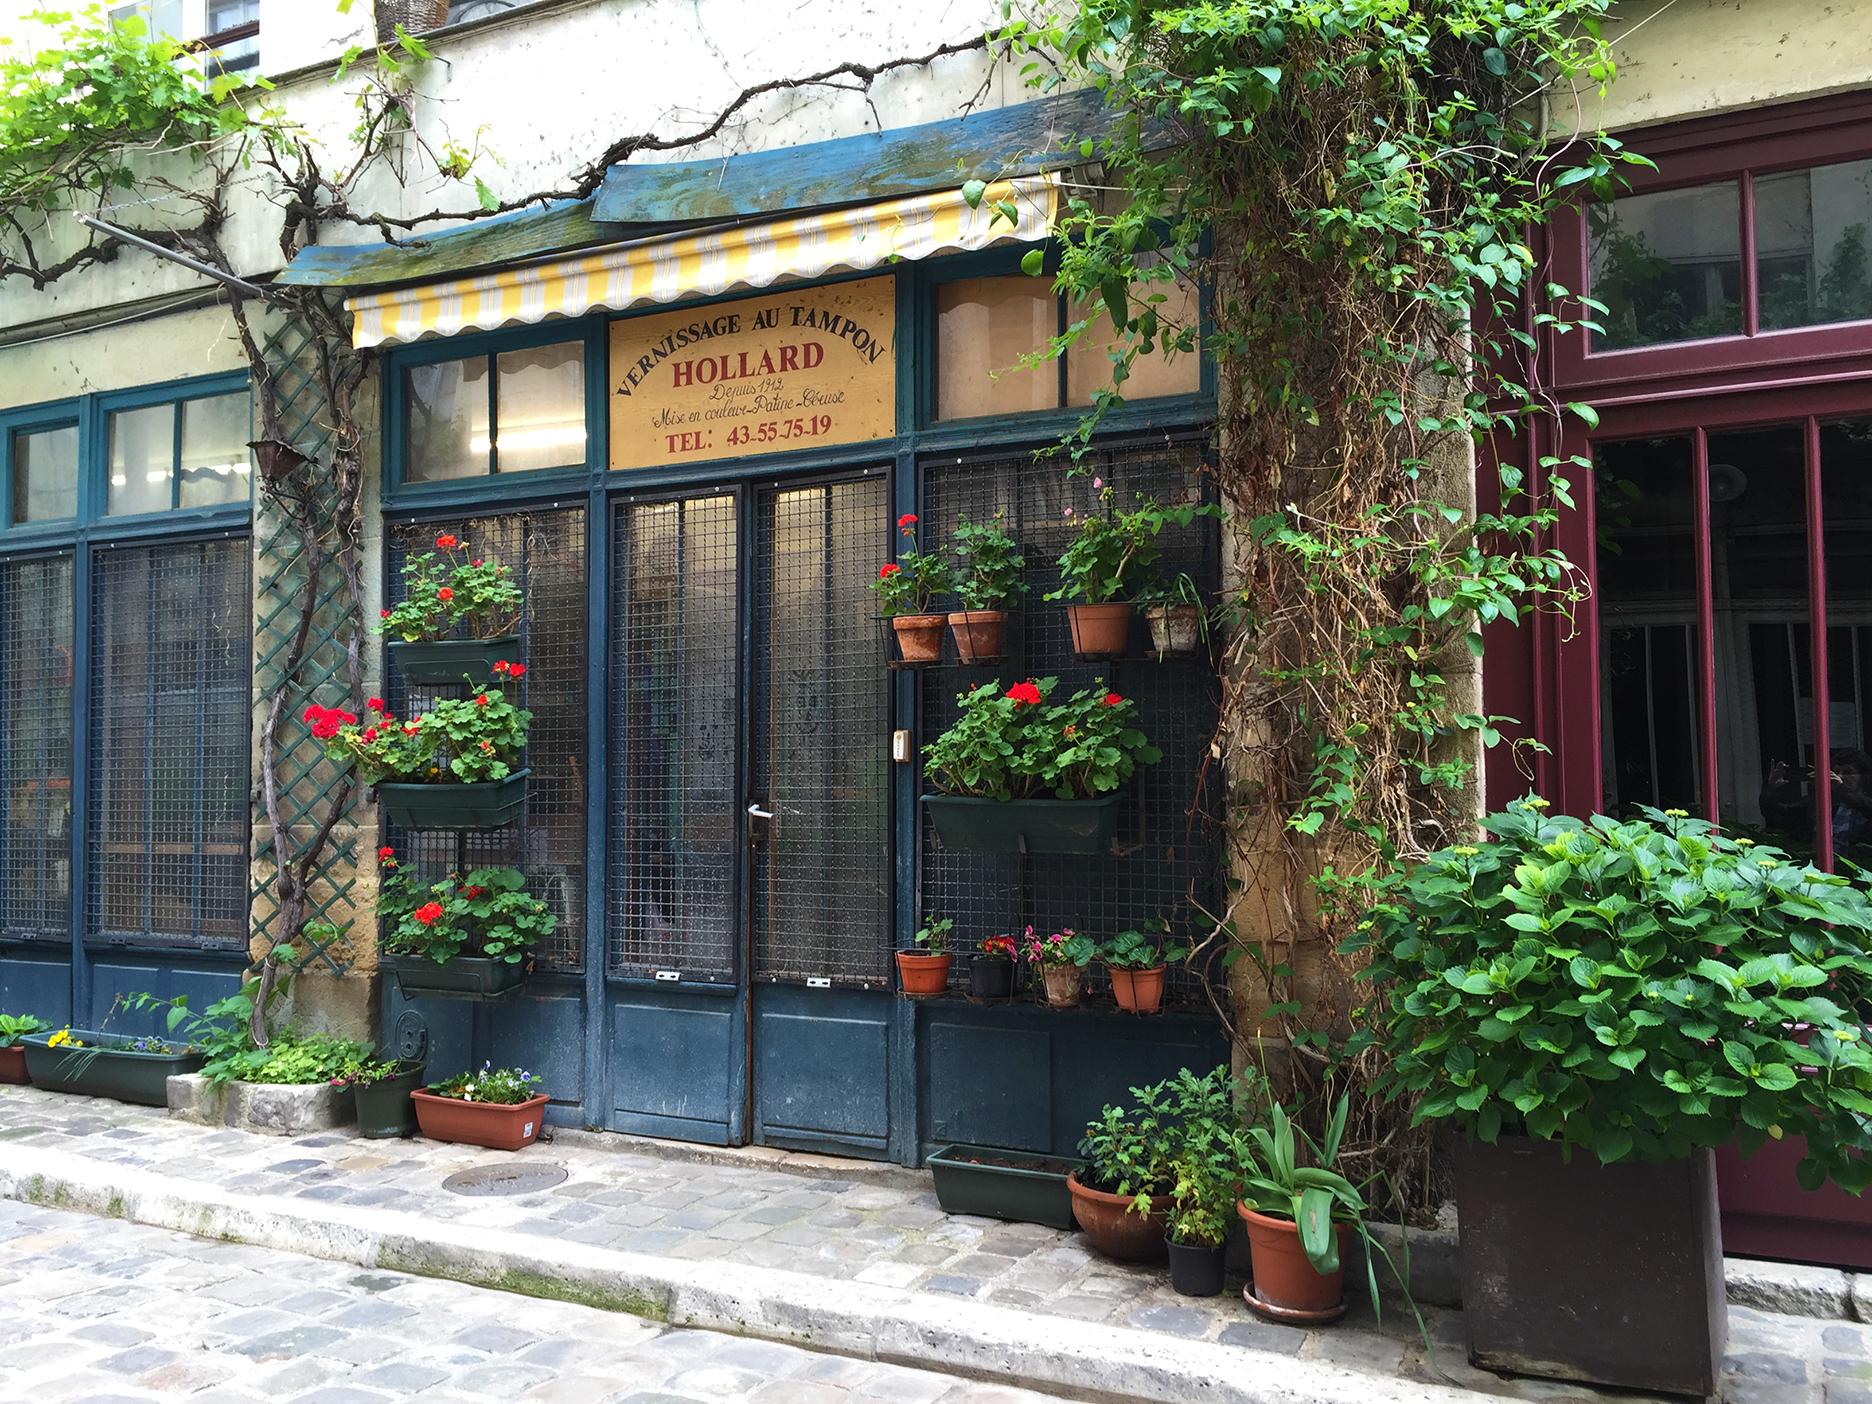 Passage Lhomme, off rue de Charonne